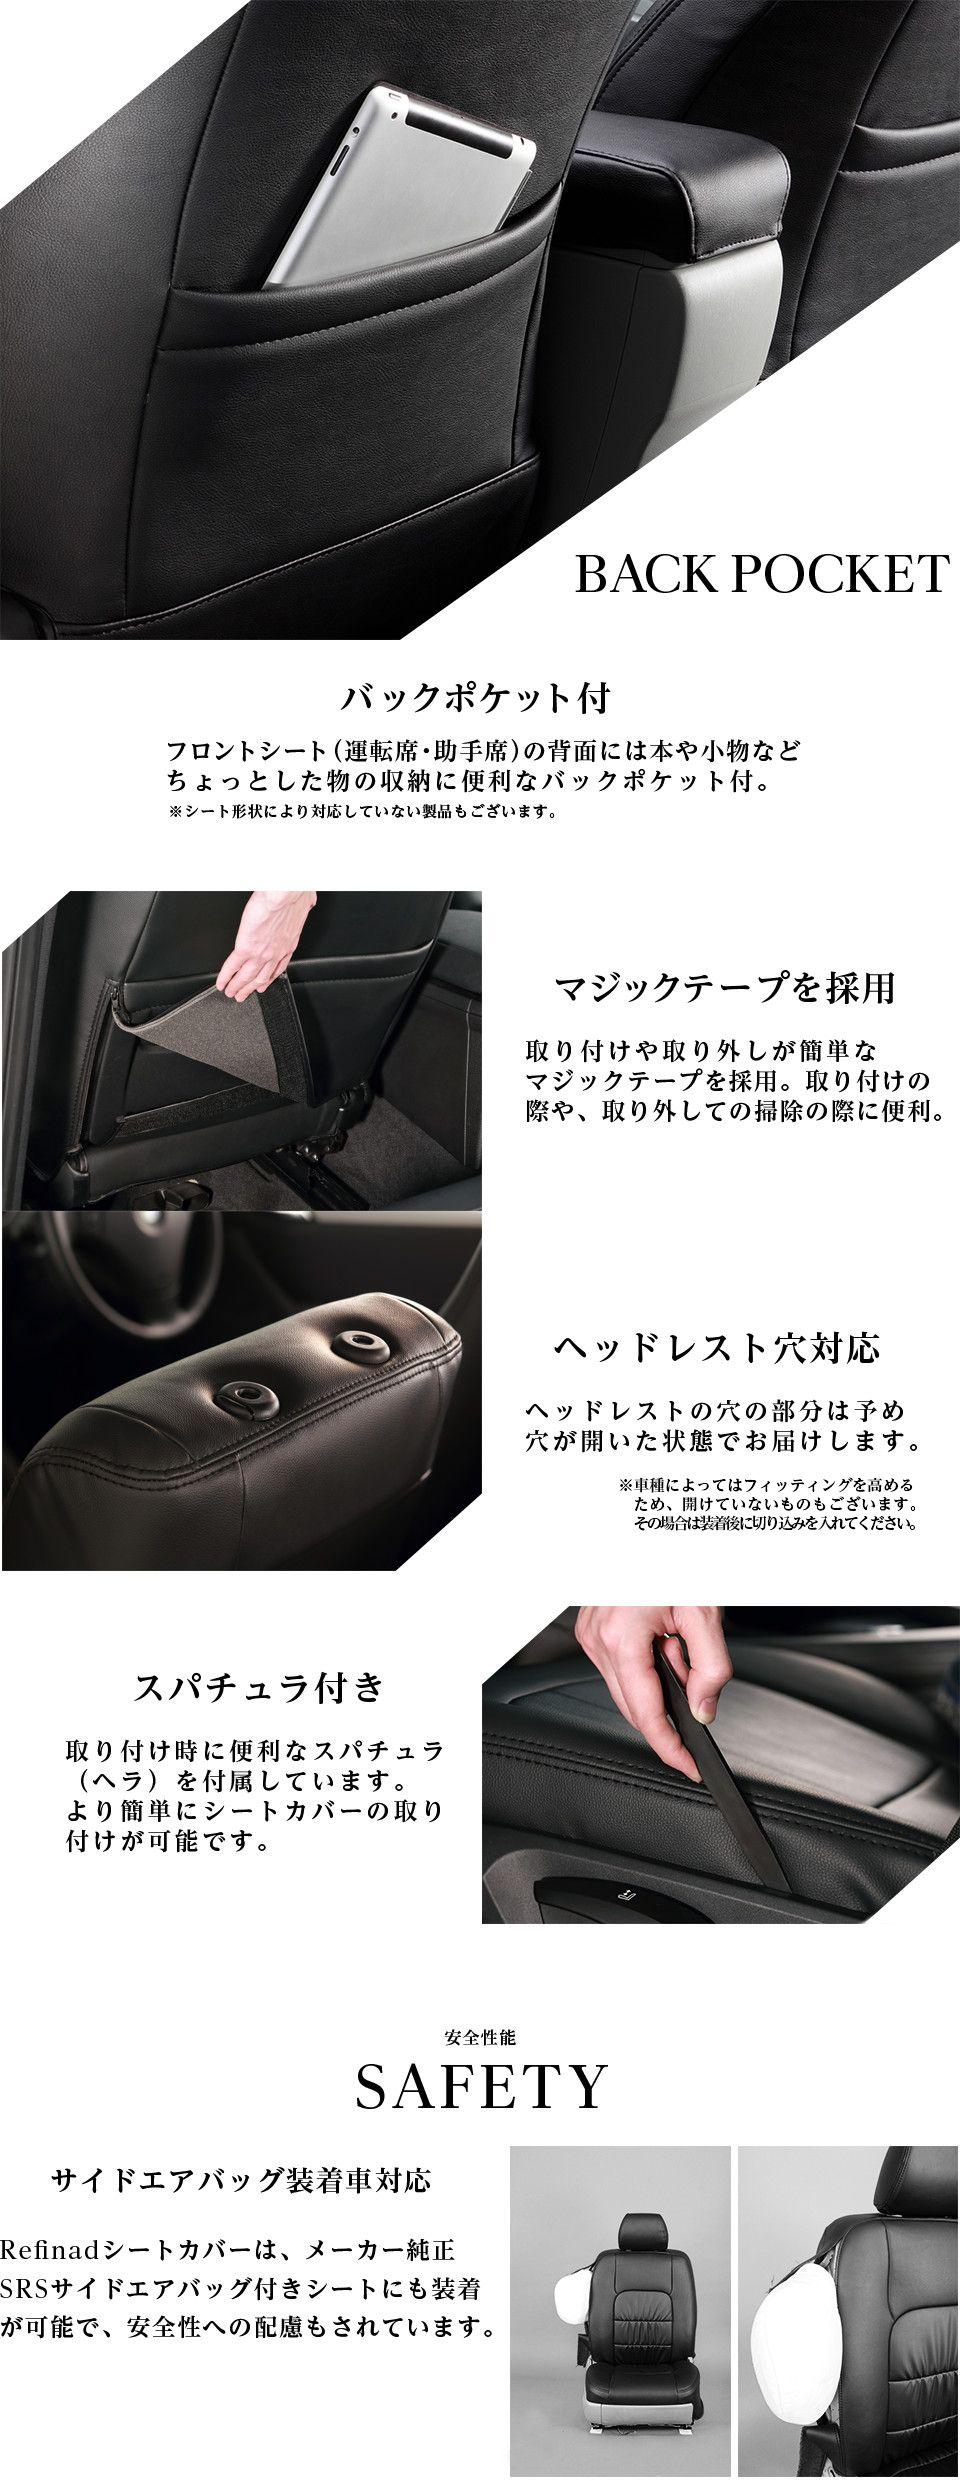 バックポケット付き フロントシート(運転席・助手席)の背面には、本や小物などちょっとした物の収納に便利なバックポケット付き。※一部対応していない製品もございます。マジックテープを採用 取り付けや取り外しが簡単なマジックテープを採用。採りつけの際や取り外しの掃除の際に便利。ヘッドレスト穴対応 ヘッドレストの穴の部分は予め穴が開いた状態でお届けします。スパチュラ付き 取り付け時に便利なスパチュラ(ヘラ)を付属しています。より簡単にシートカバーの取り付けが可能です。安全性 SAFETY サイドエアバック装着車対応 Refinadシートカバーは、メーカー純正SRSサイドエアバッグ付きシートにも装着が可能で、安全性への配慮もされています。